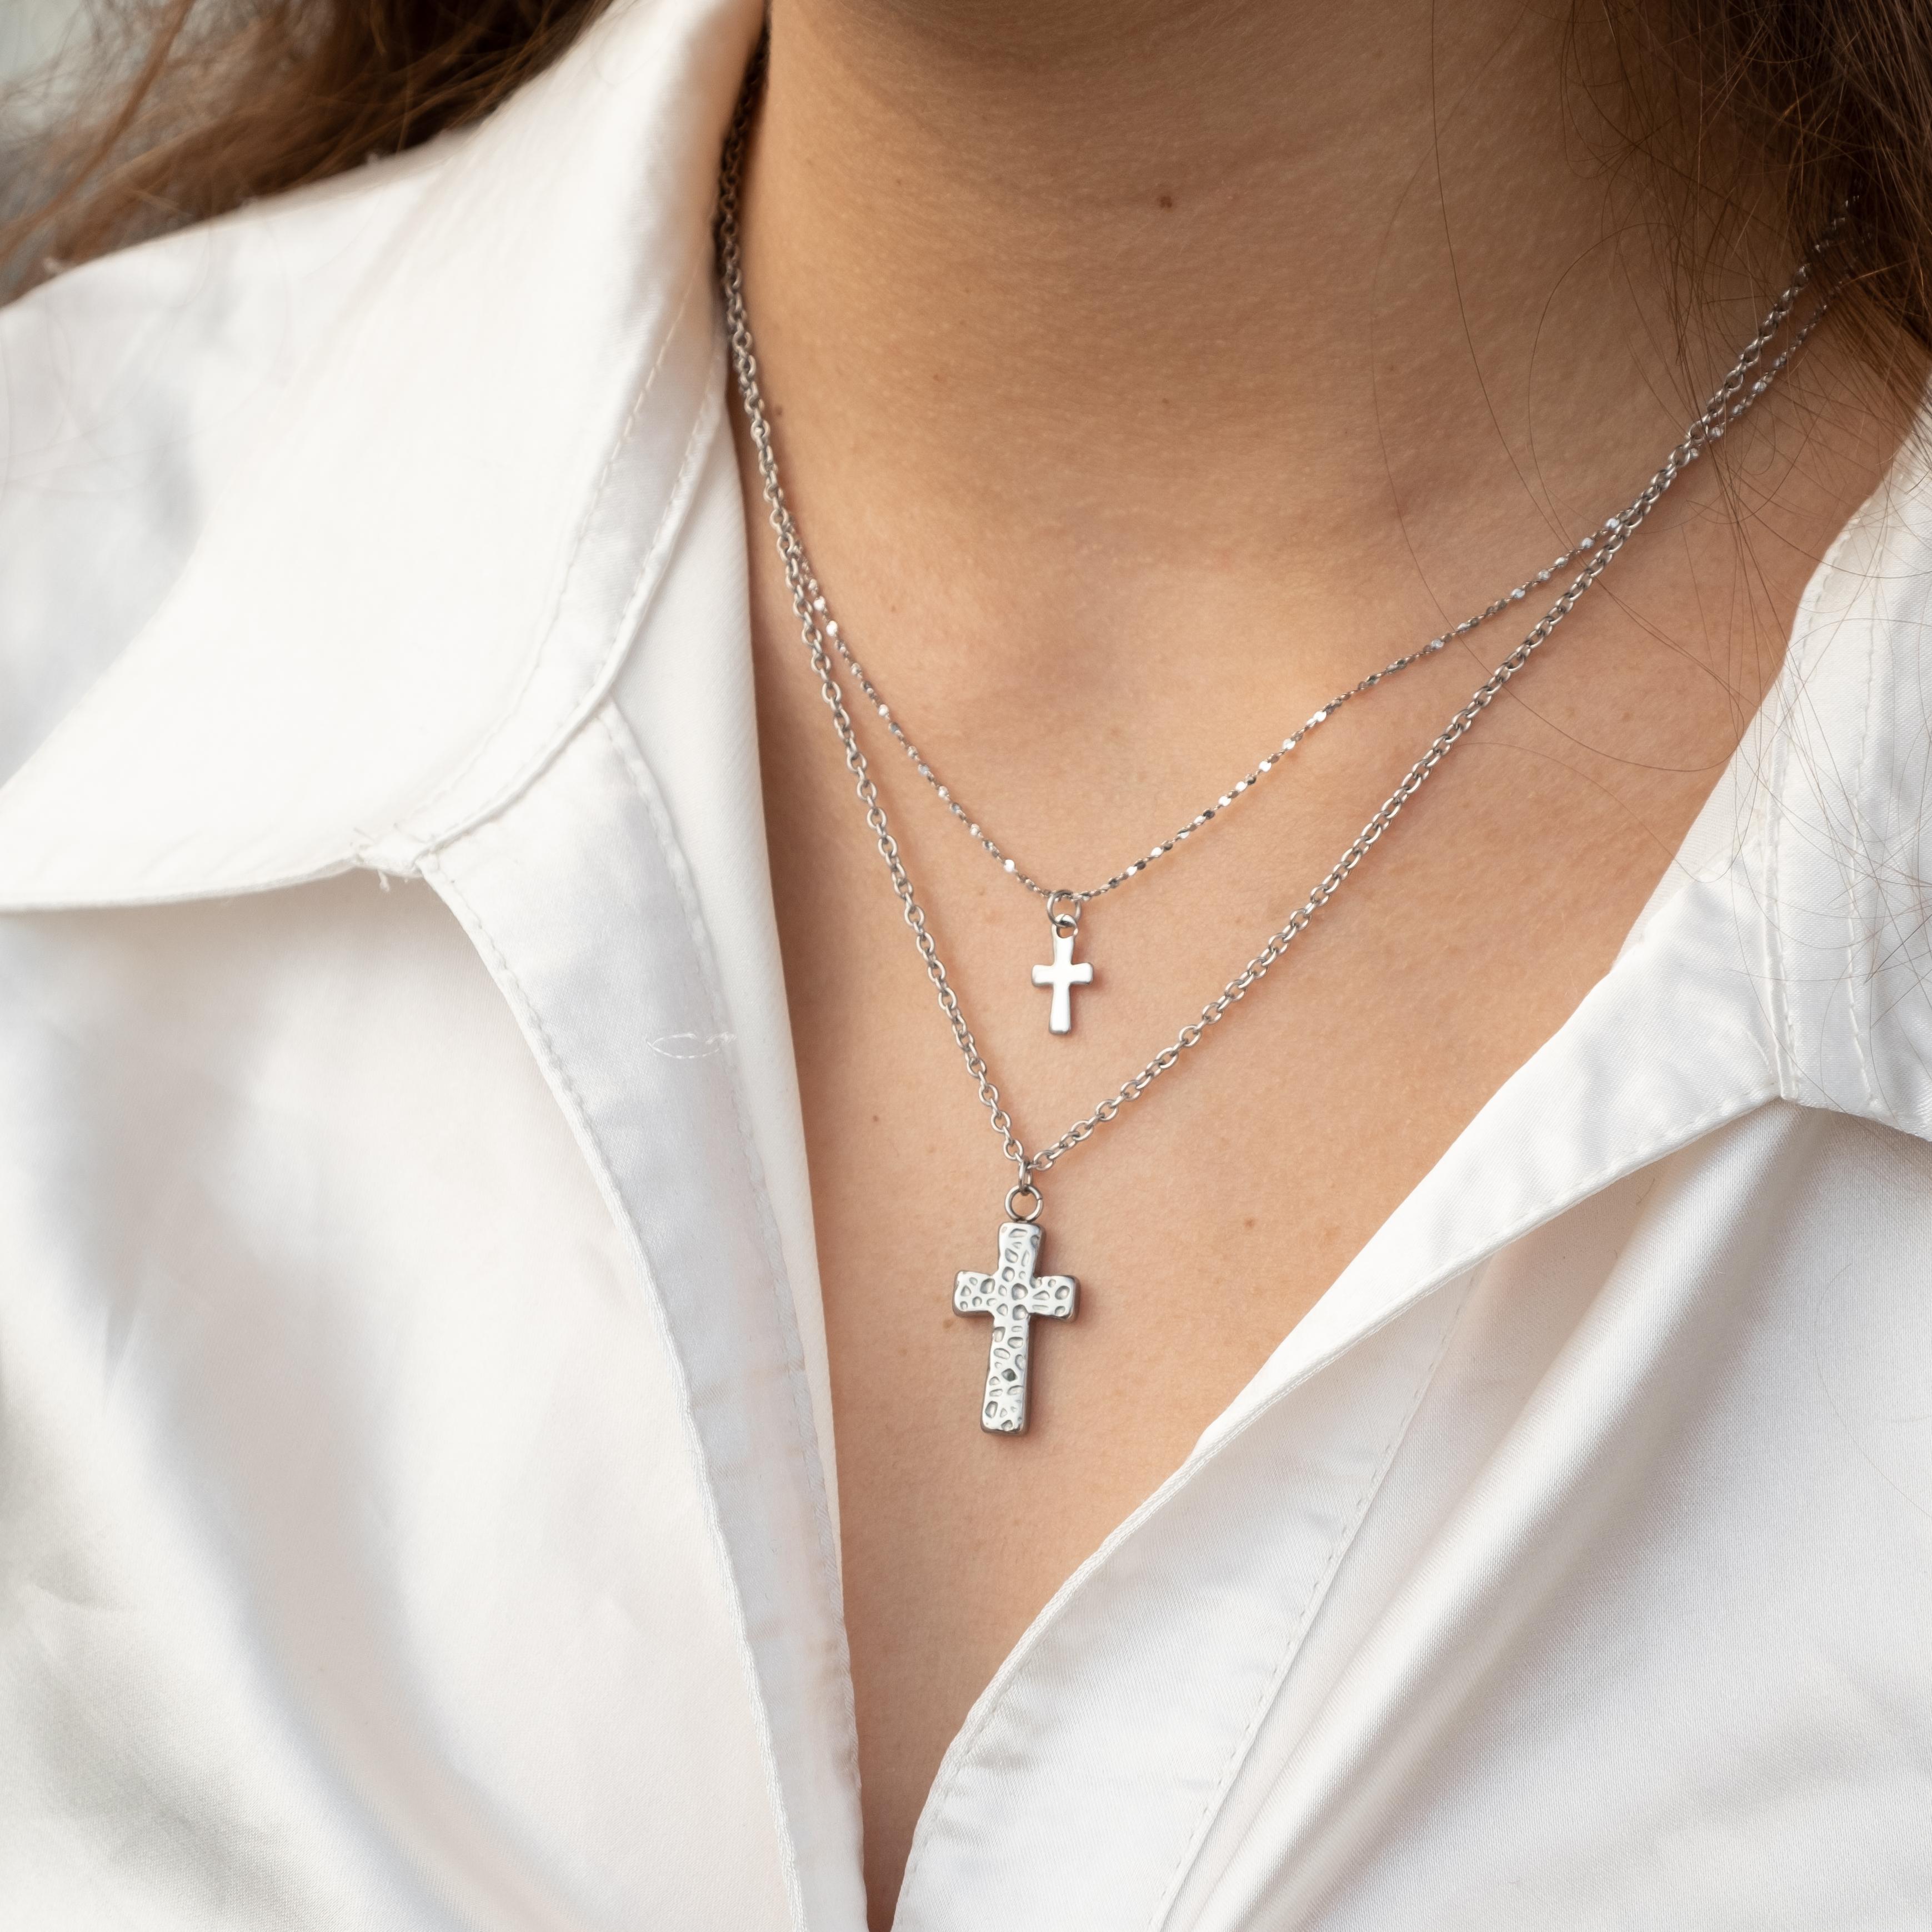 Vrouw met witte blouse met twee zilveren kettingen met kruisje